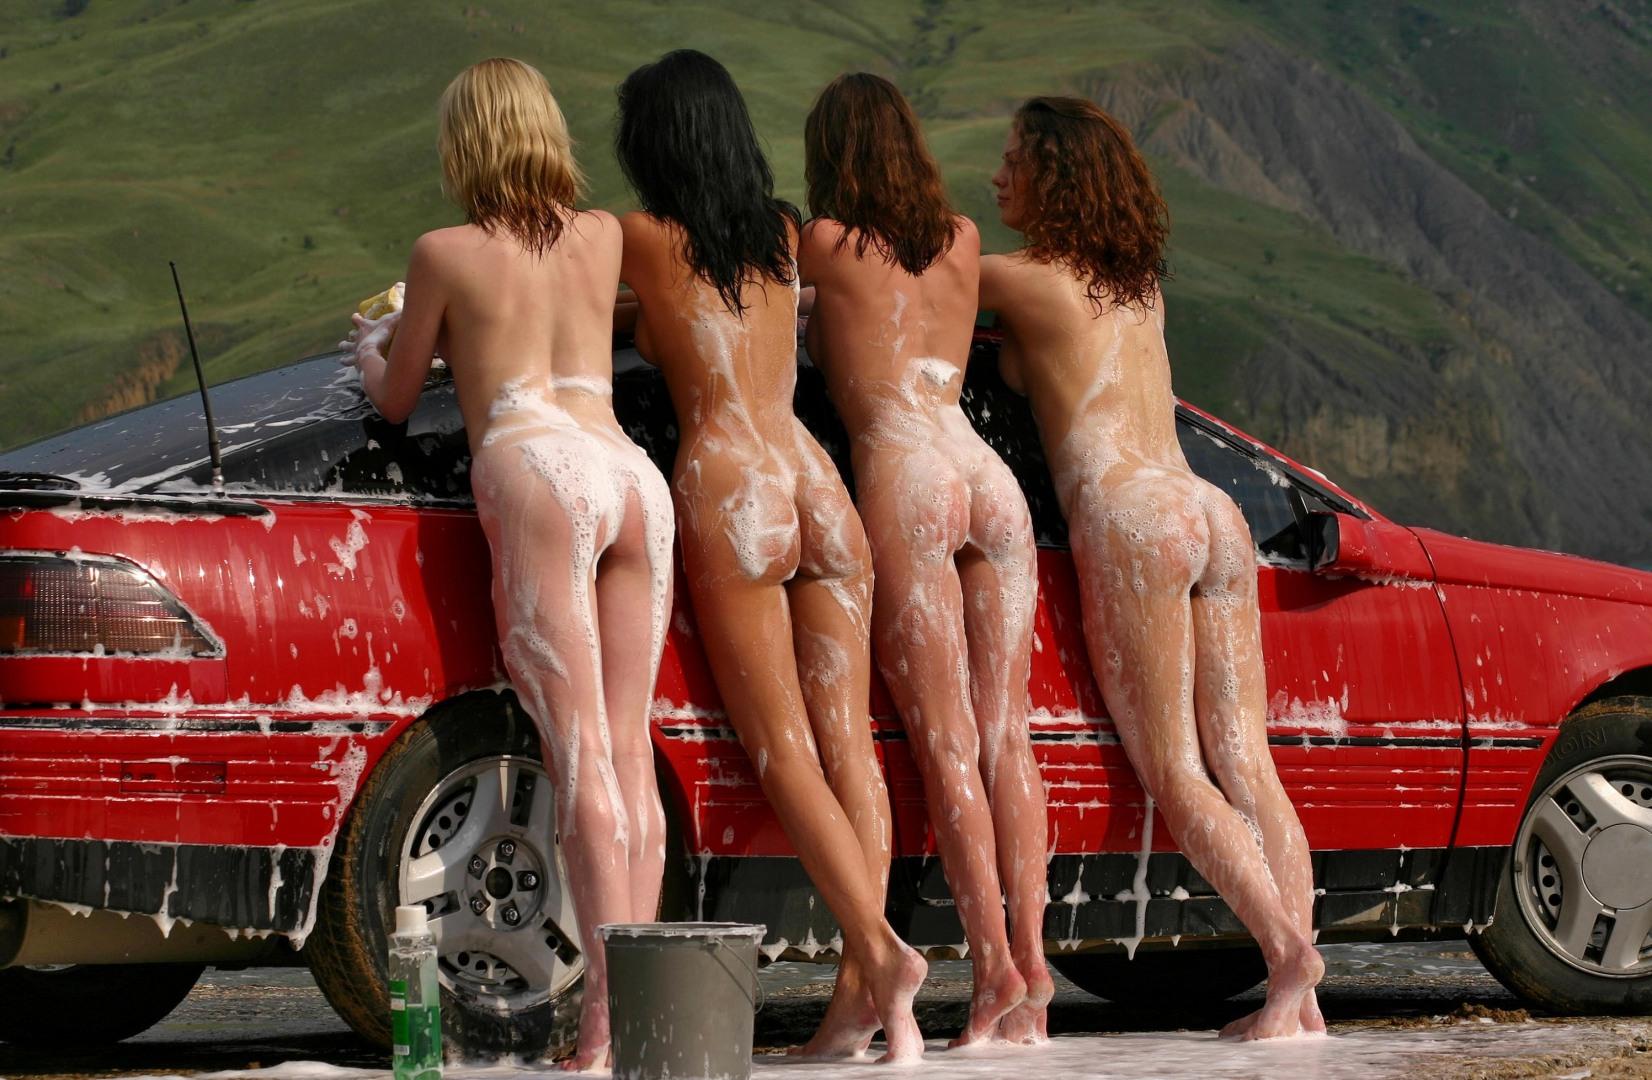 фотки голых девушек в пикапе распродажи акции